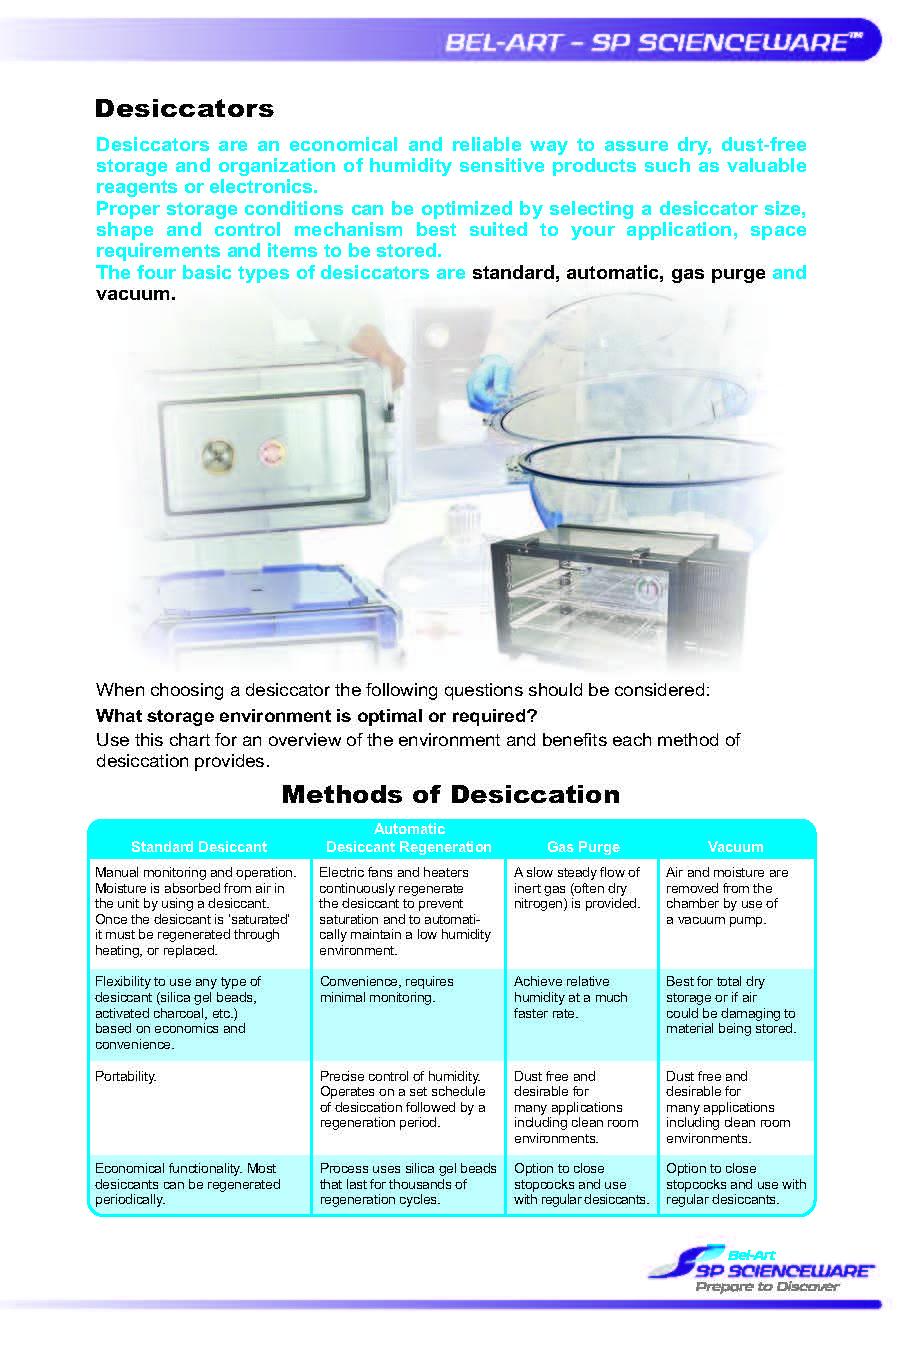 SP Scientific Dessicator Whitepaper